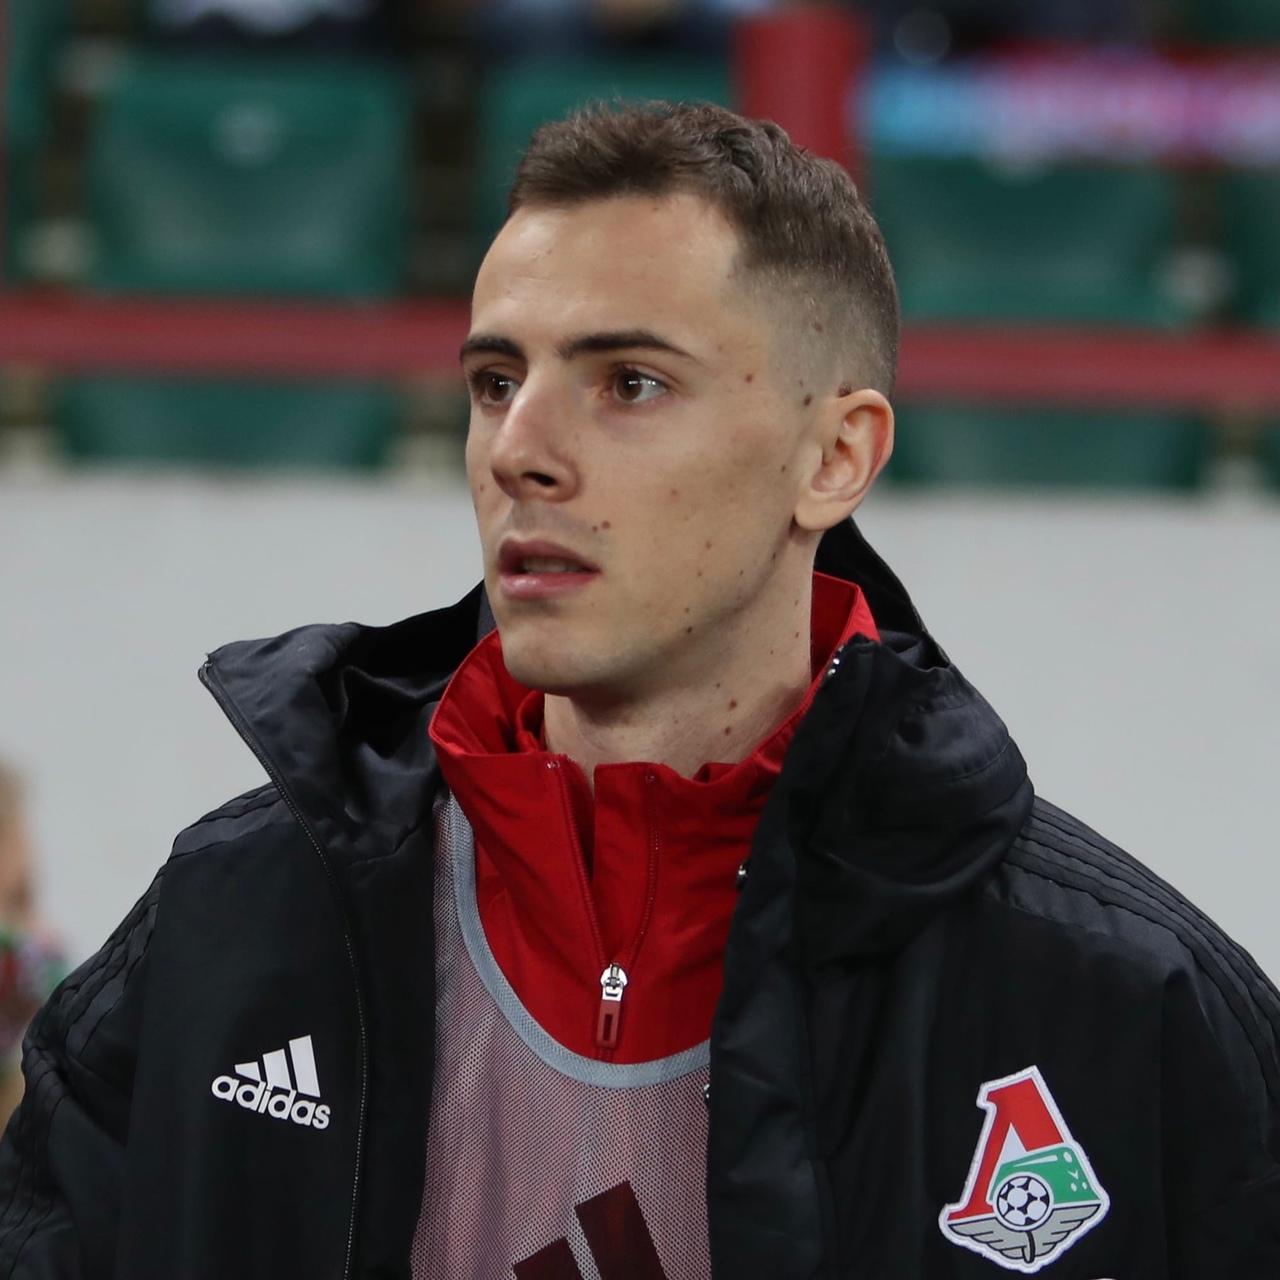 Джорджевич сообщил, что не отказывал российским клубам  - фото